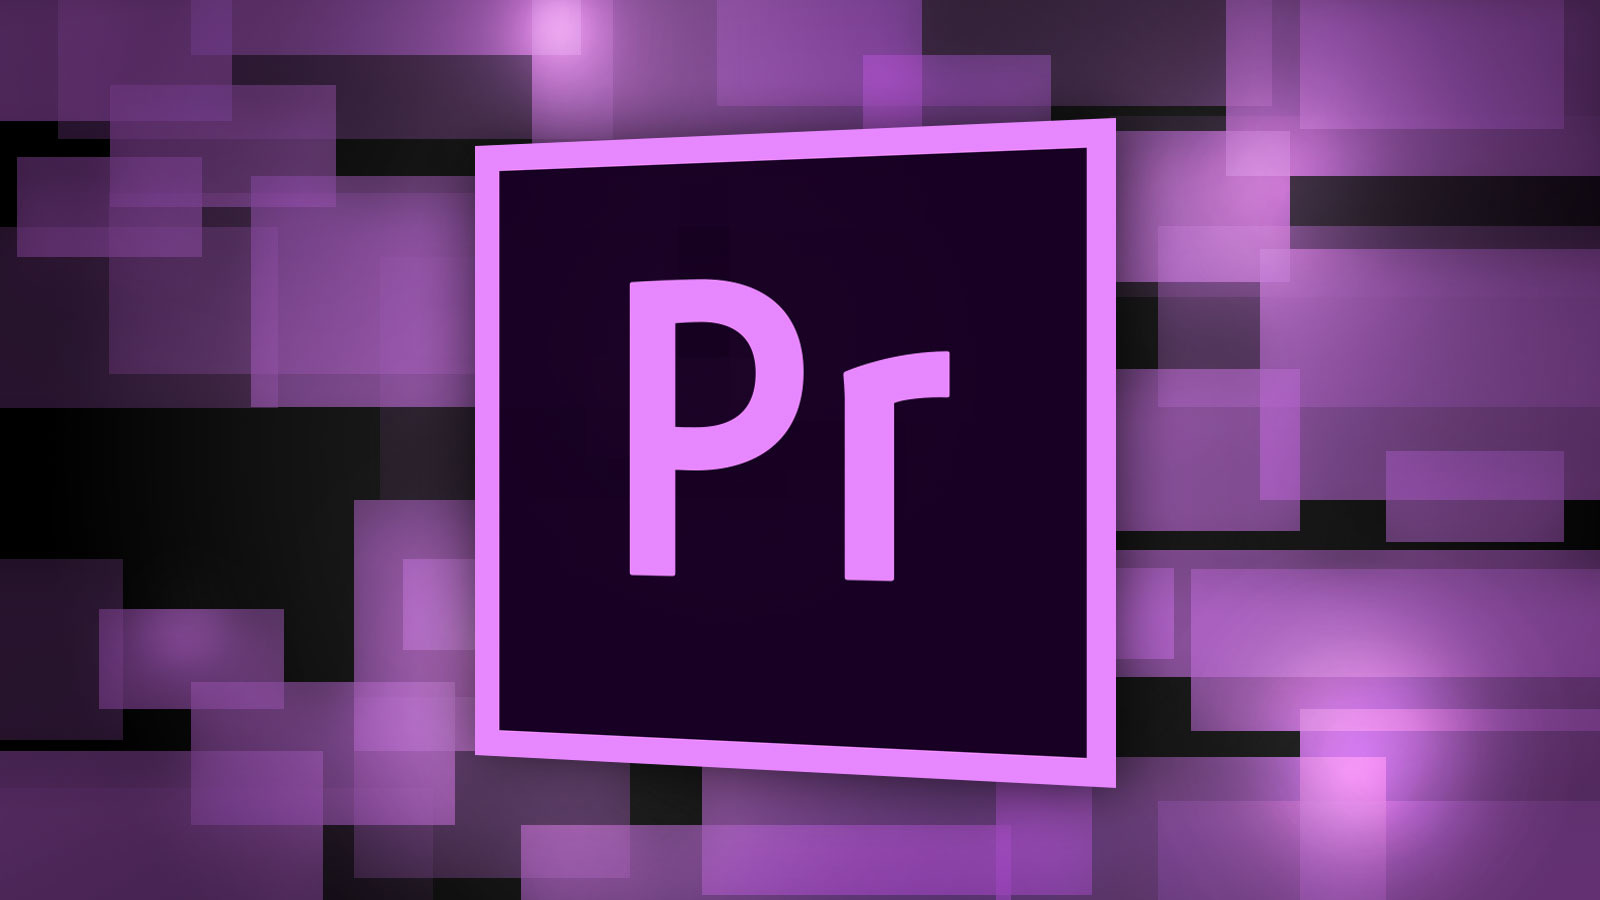 Impara a realizzare video professionali attraverso il nostro corso di Adobe Premiere a Caserta